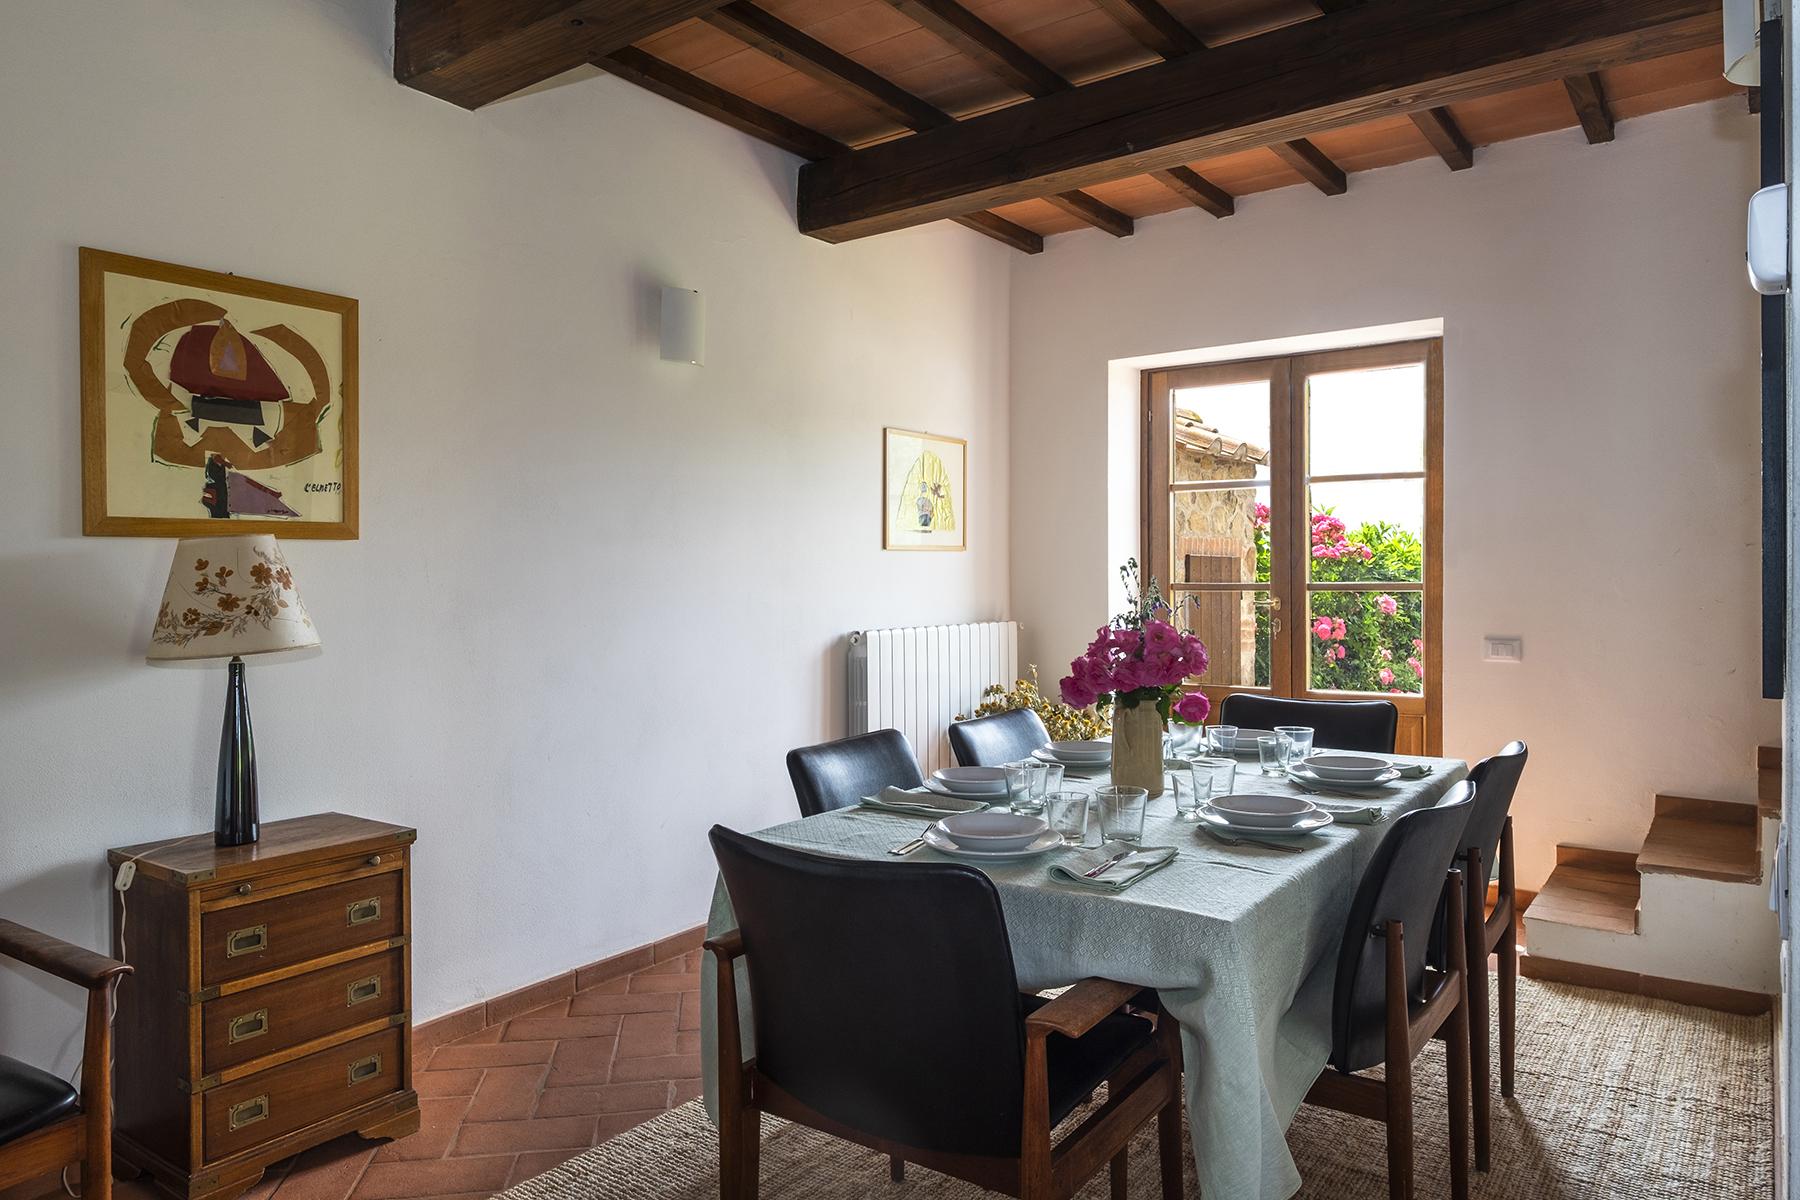 Appartamento in Vendita a Scansano: 5 locali, 129 mq - Foto 7